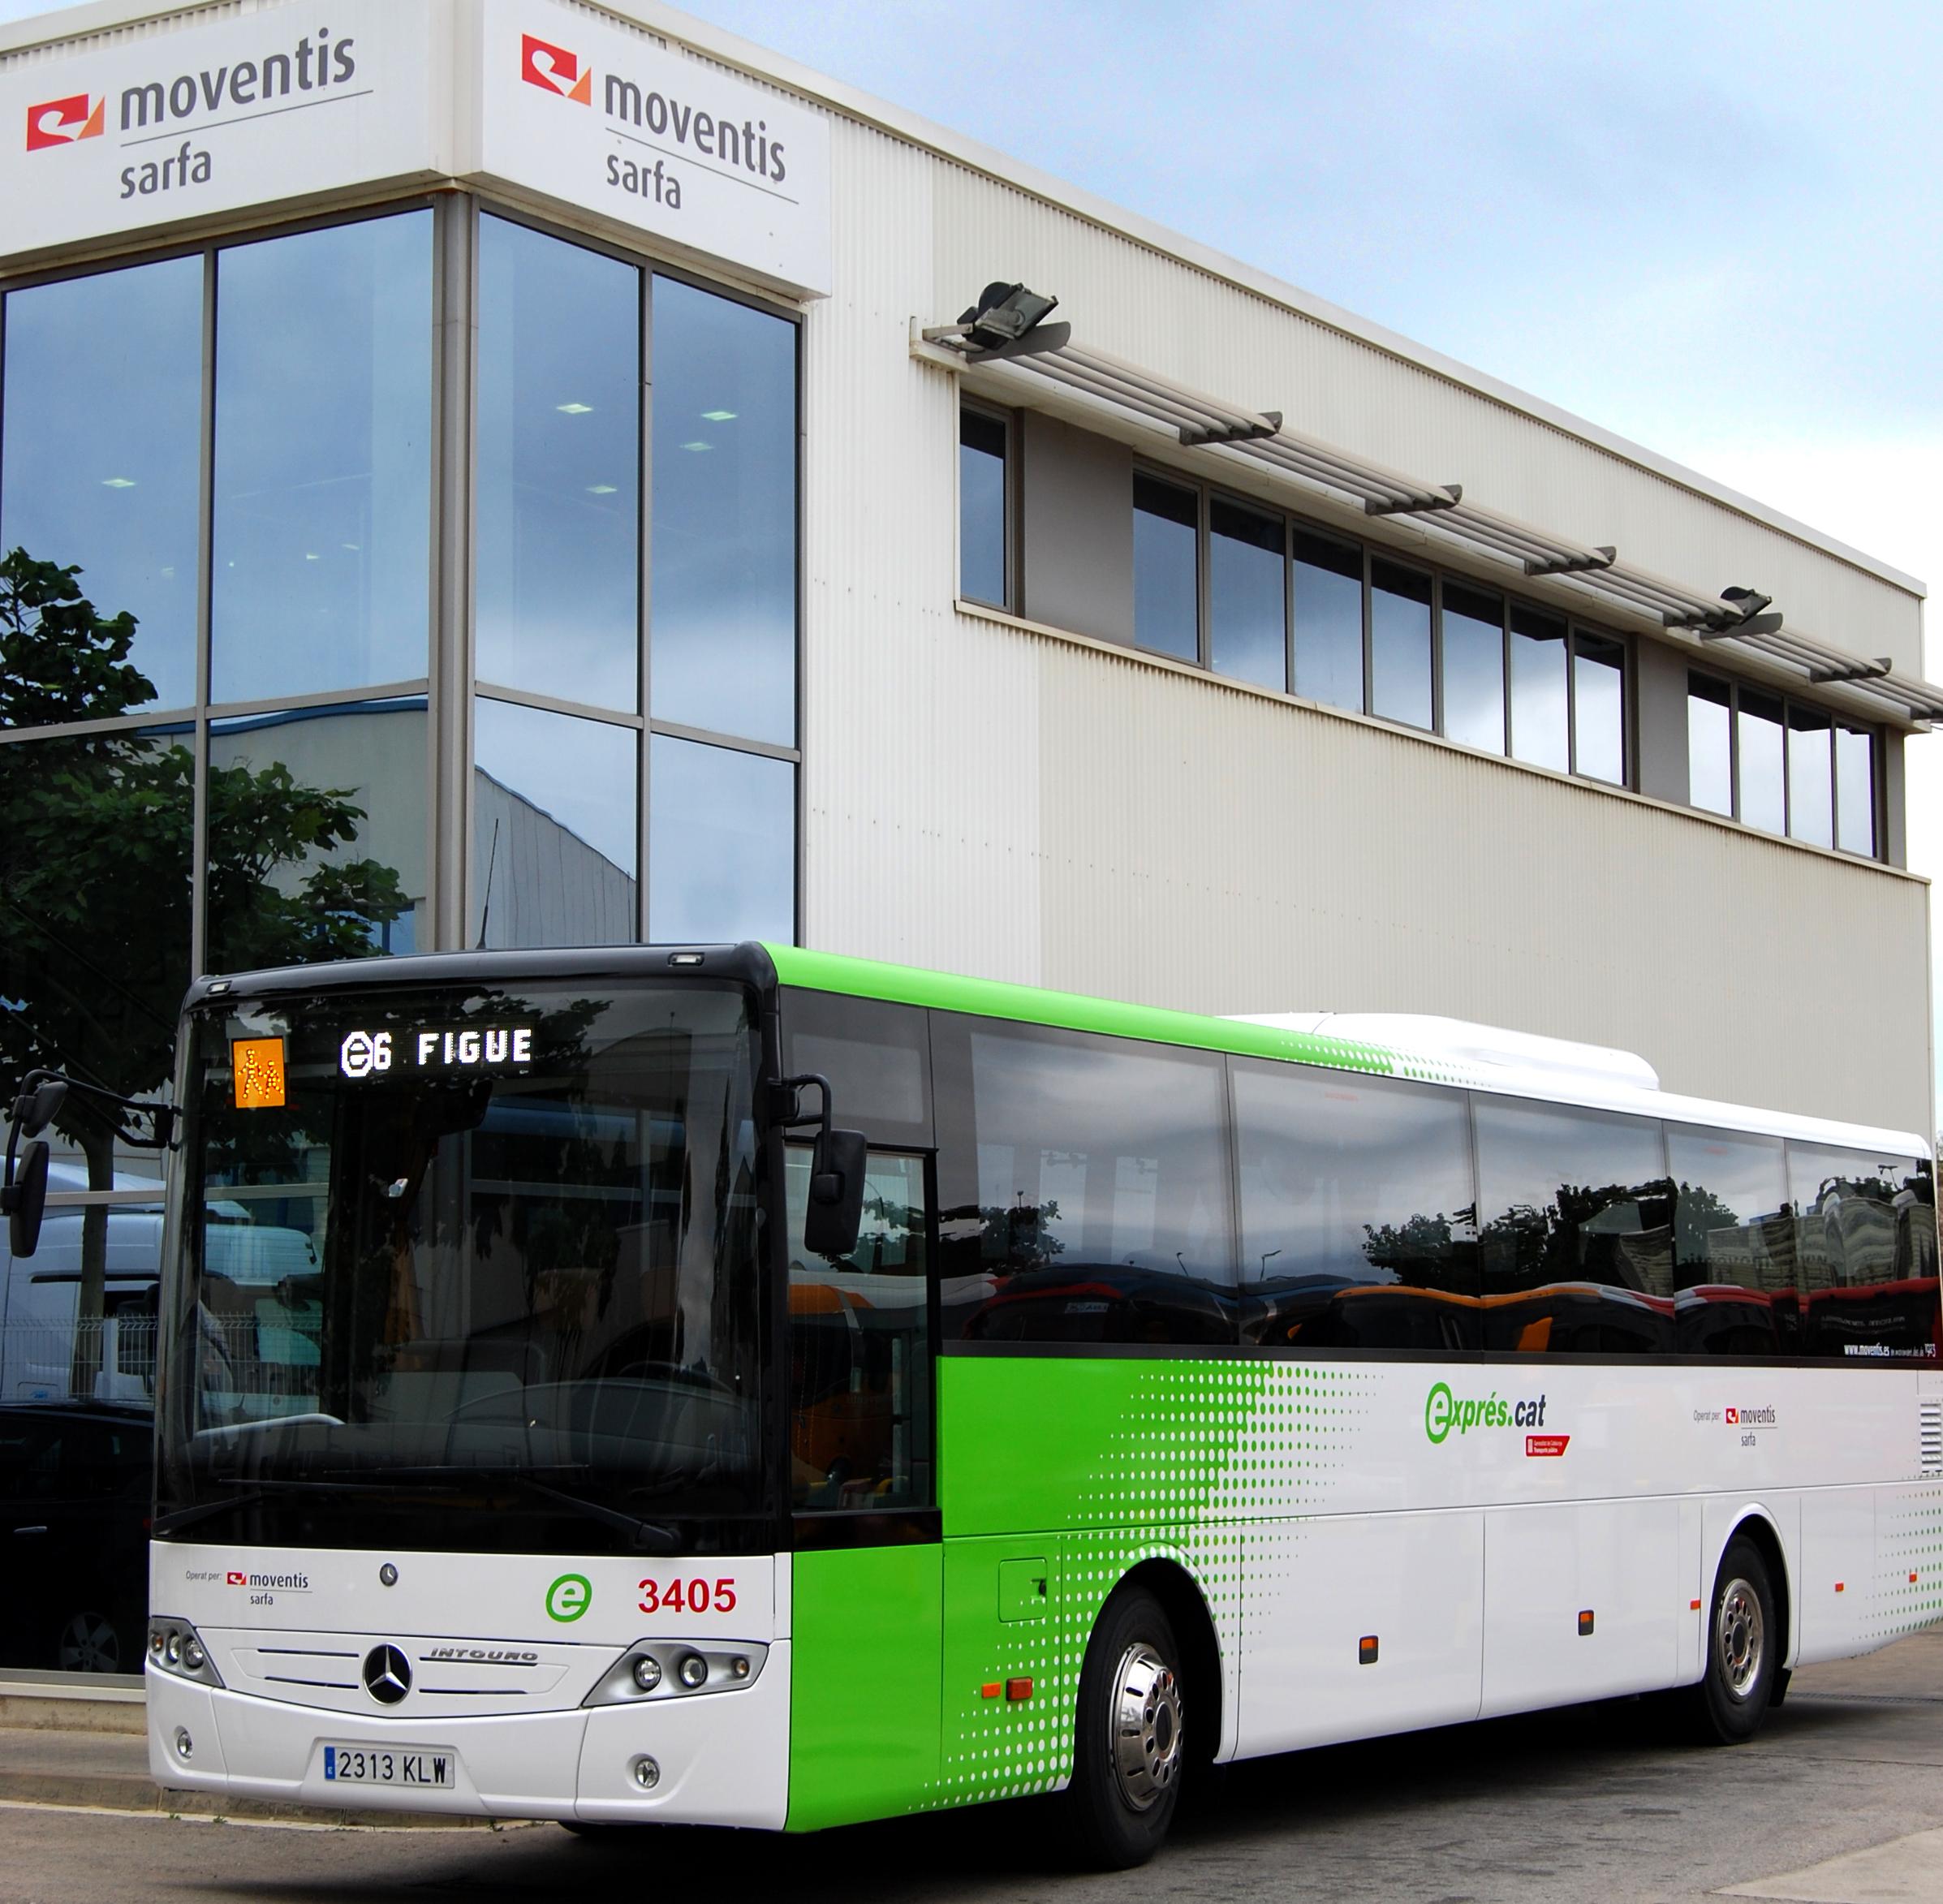 Un nou bus exprés.cat connecta Roses i Figueres amb un nou abonament T-10/120